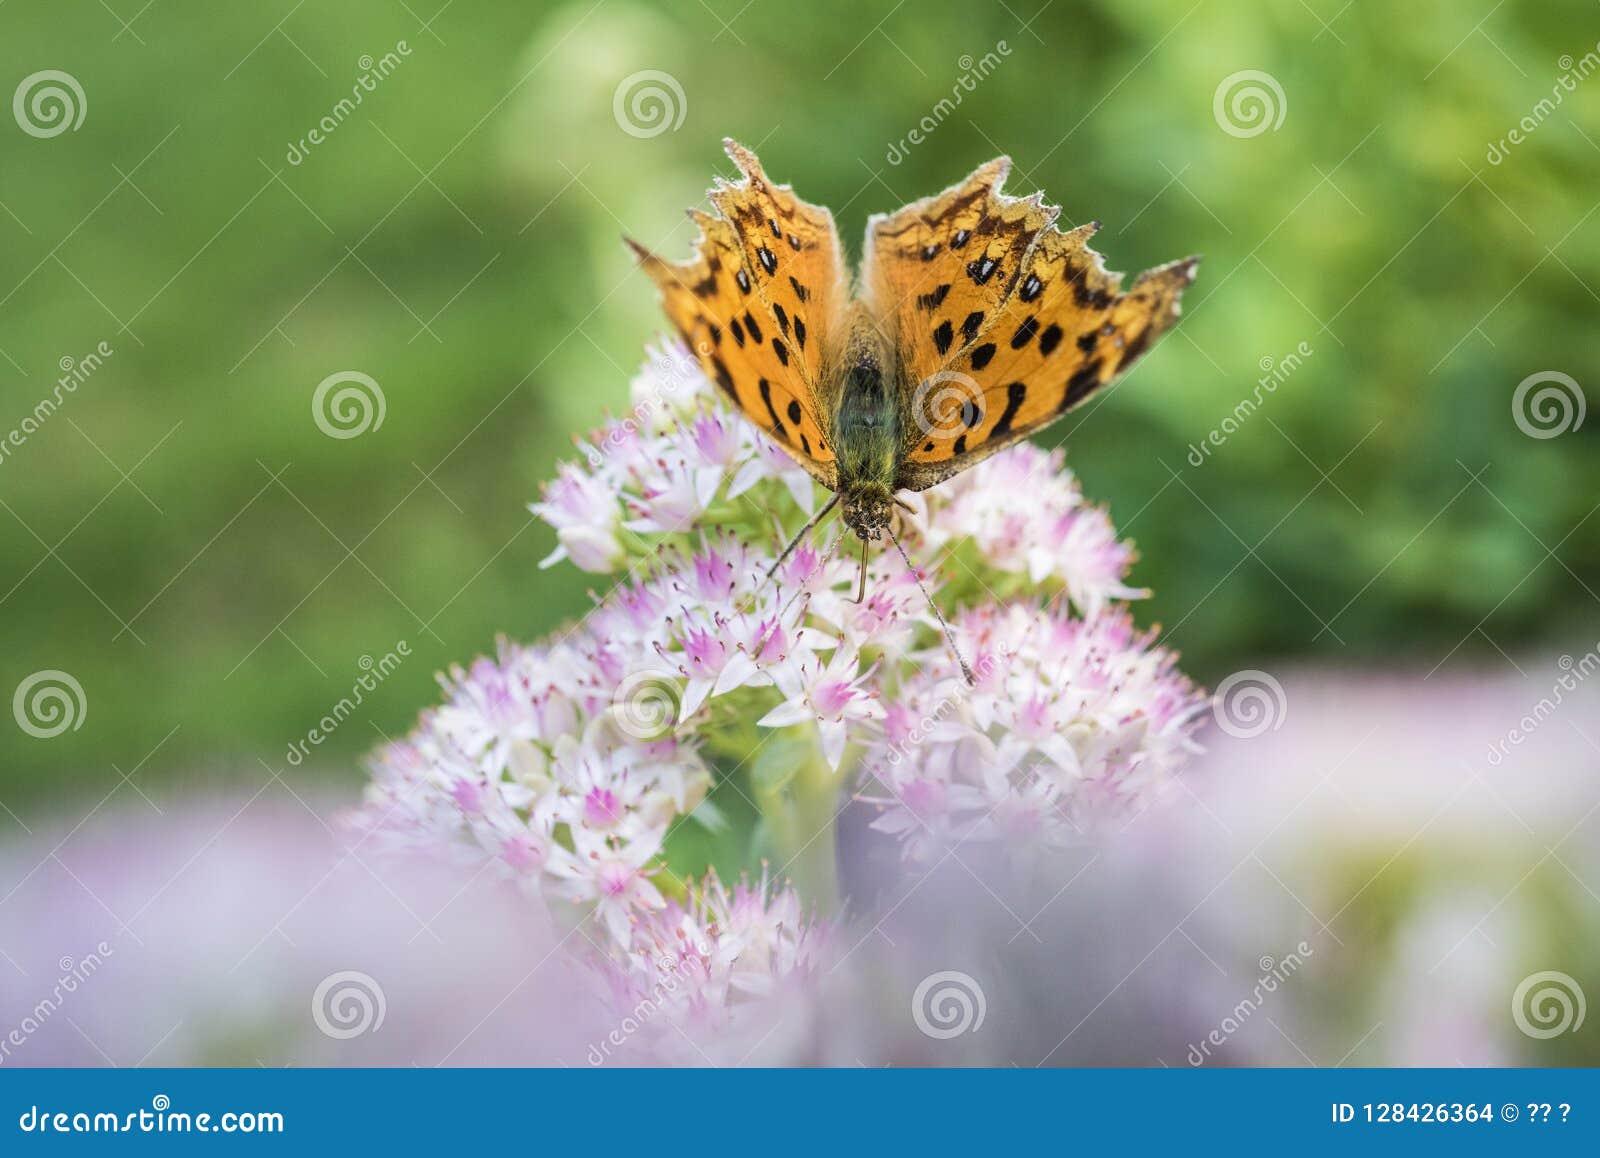 Zakończenie motyl z małymi białymi kwiatami z lekkimi czerwonymi kropkami